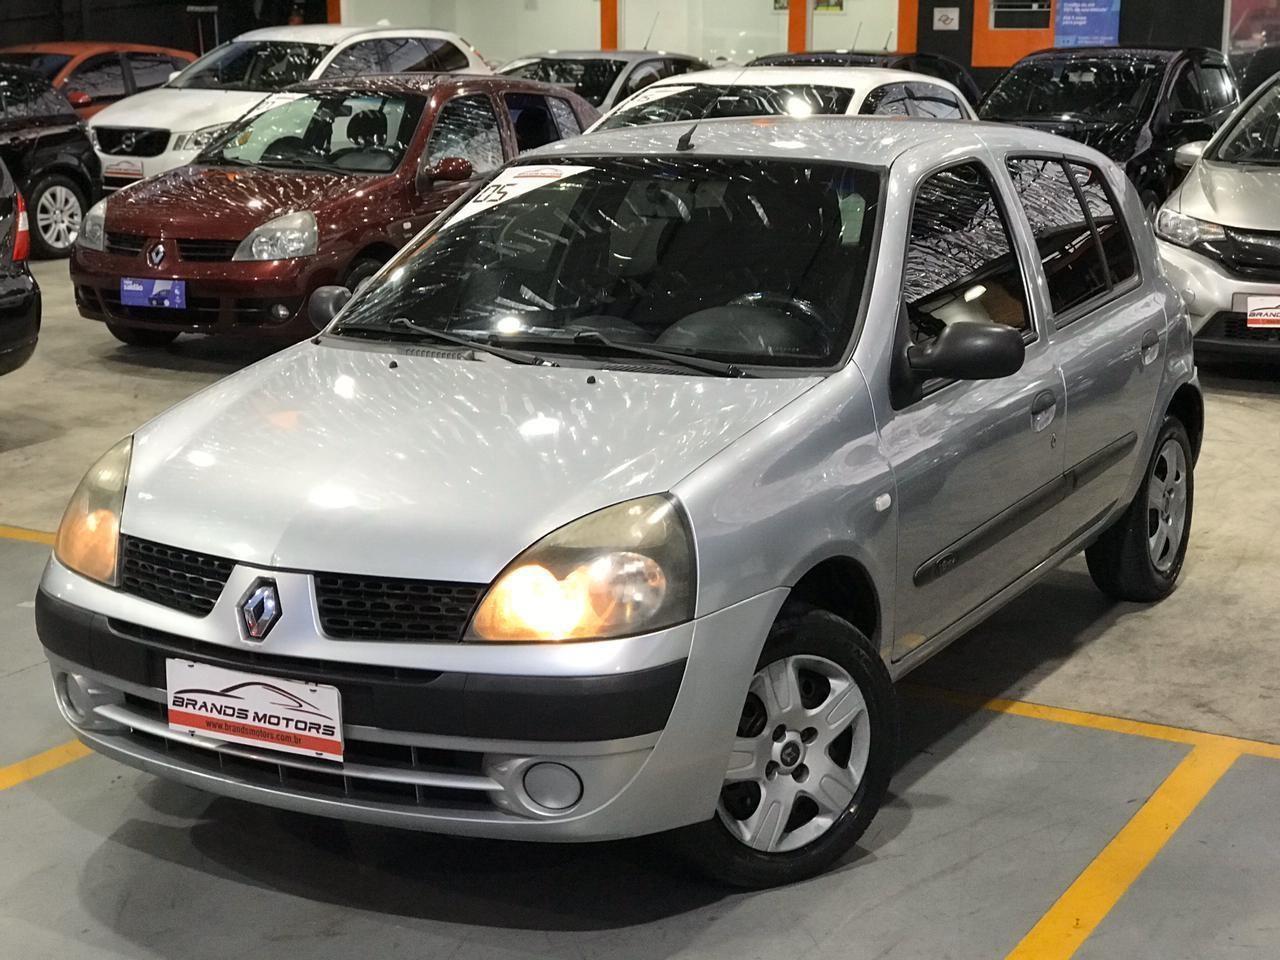 //www.autoline.com.br/carro/renault/clio-16-hatch-expression-16v-flex-4p-manual/2005/sao-paulo-sp/15000062